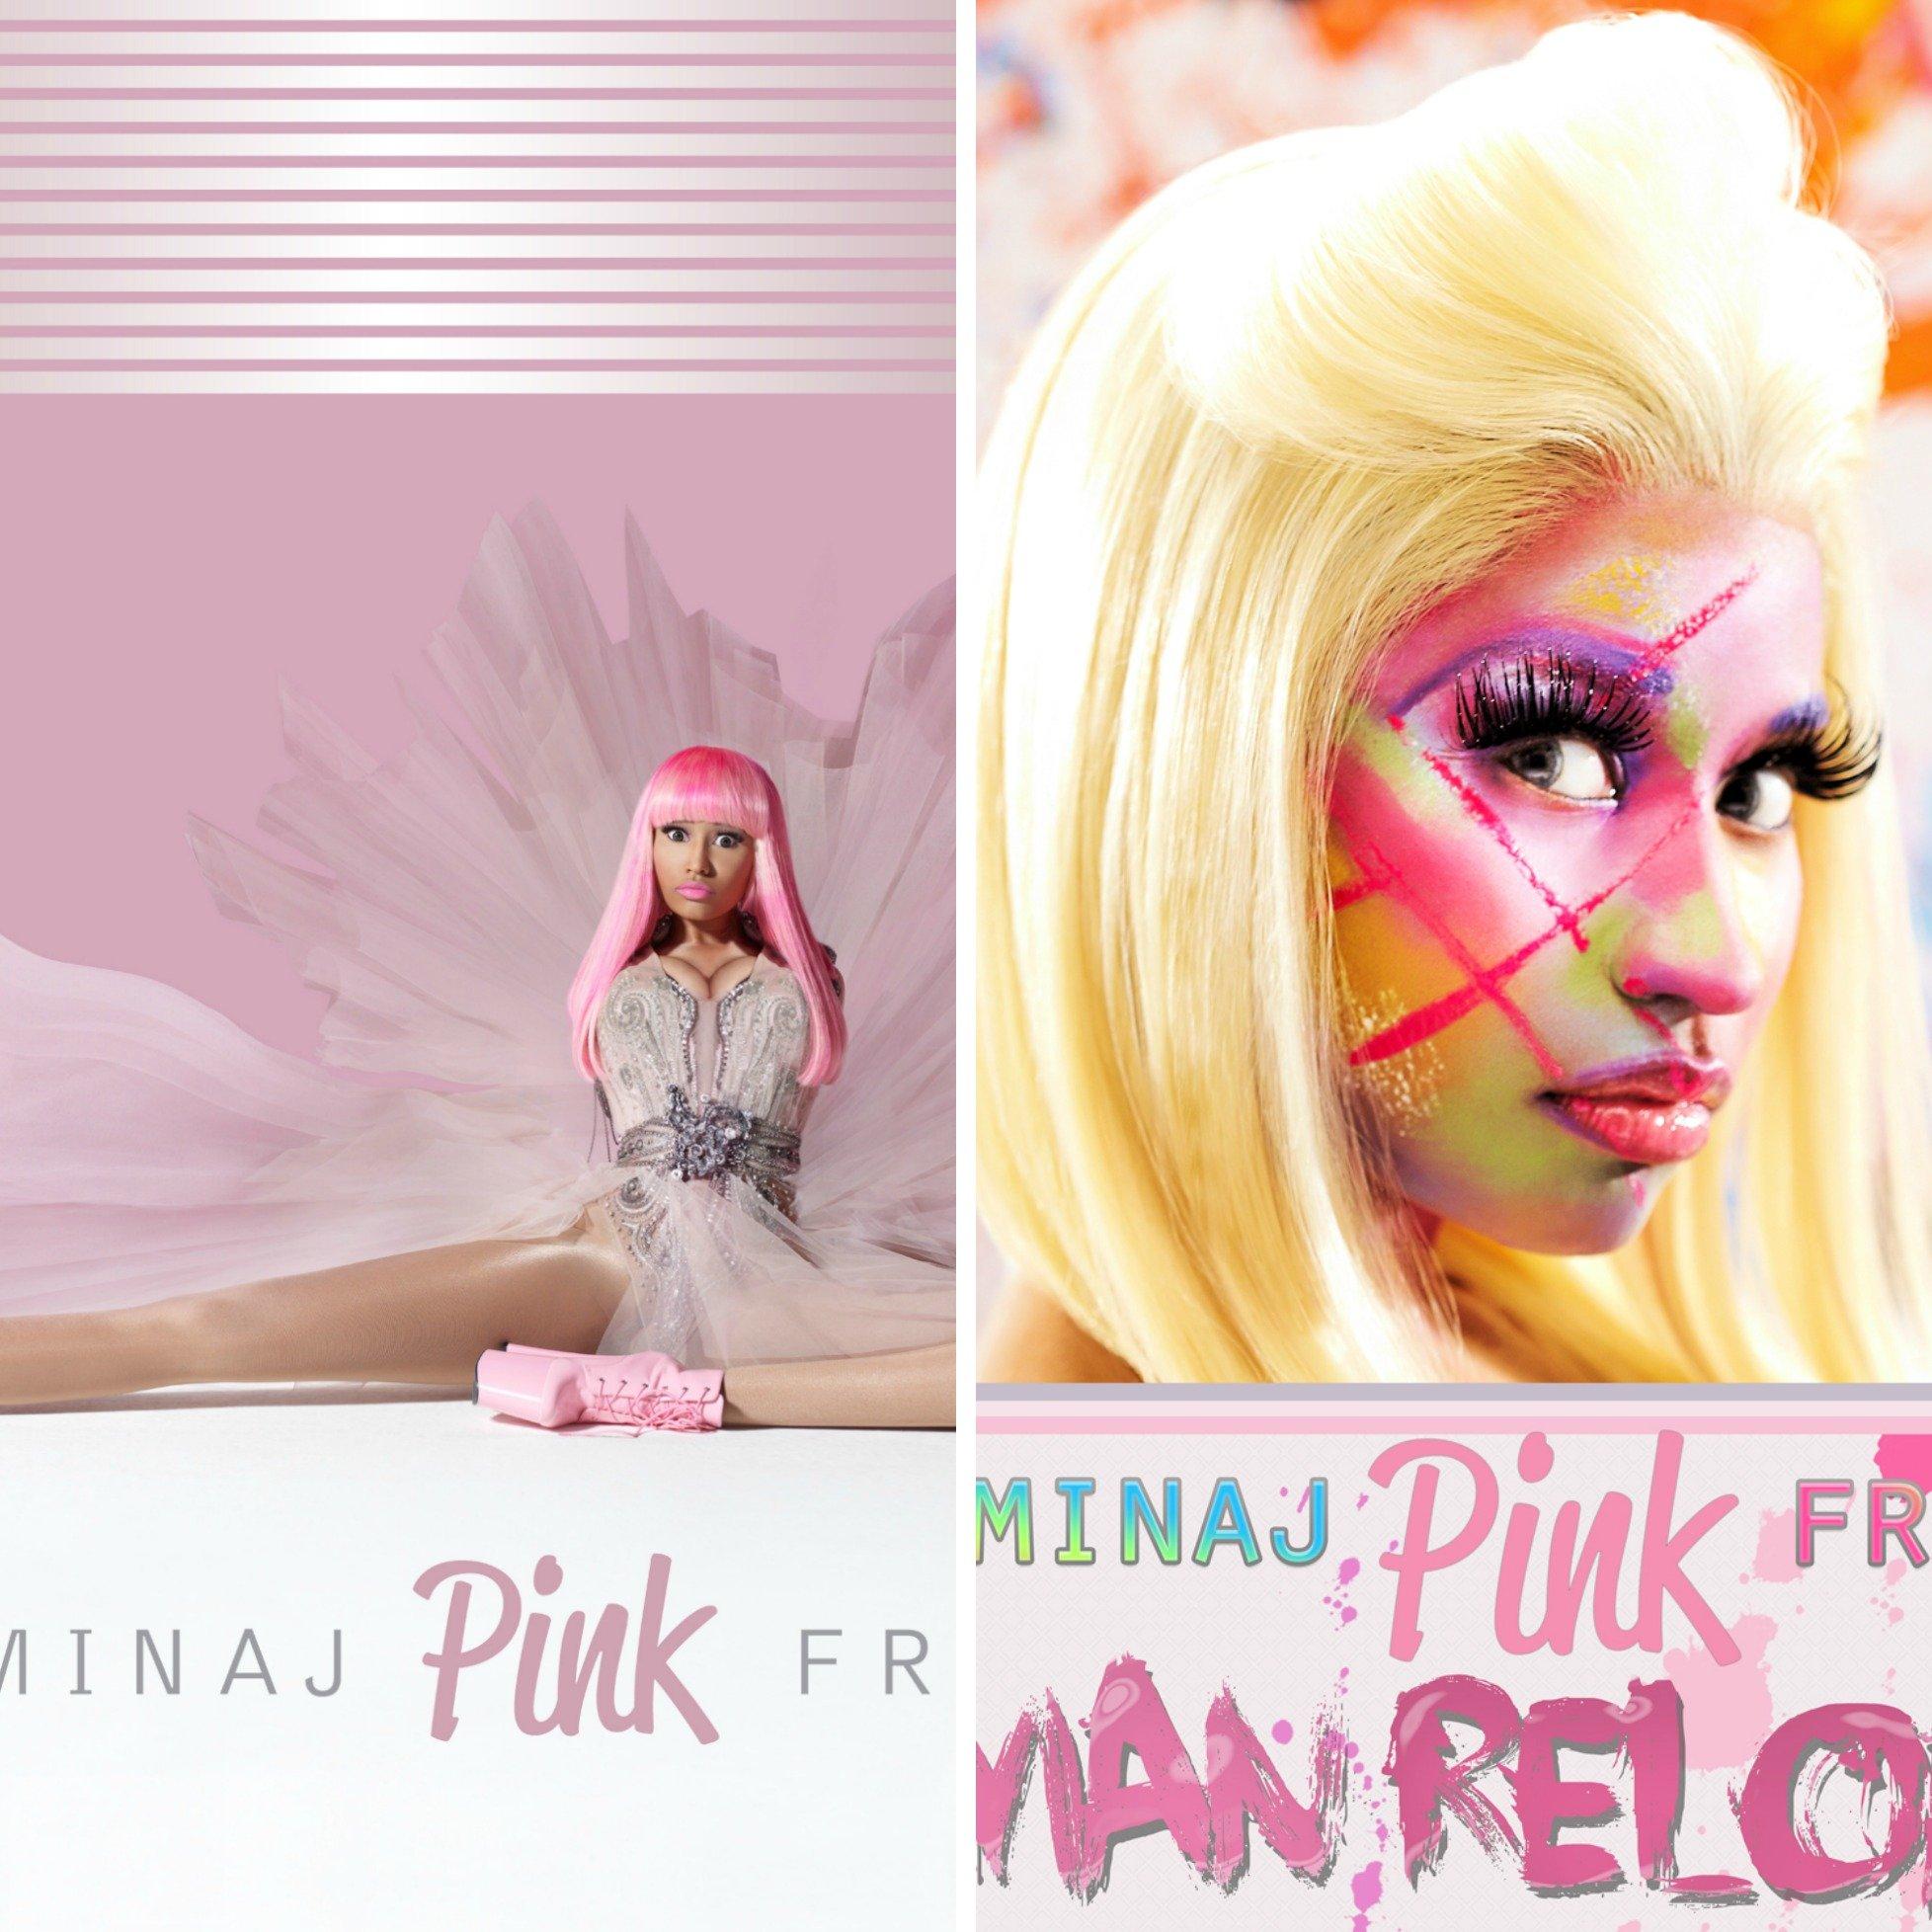 nicki minaj pink friday albums